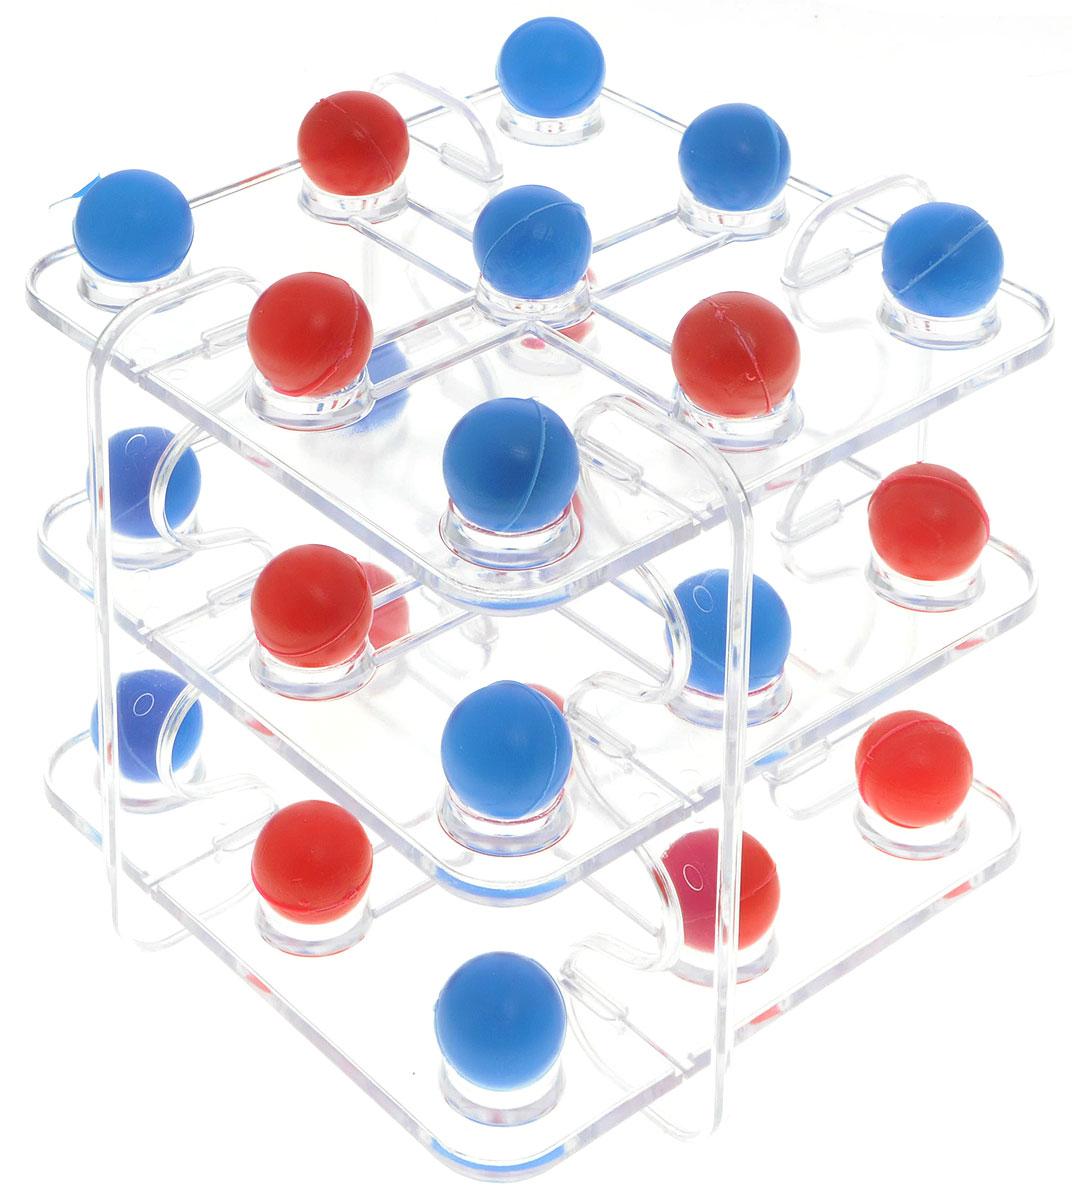 Русский стиль Настольная игра Крестики-нолики 3D настольная игра развивающая русский стиль времена года